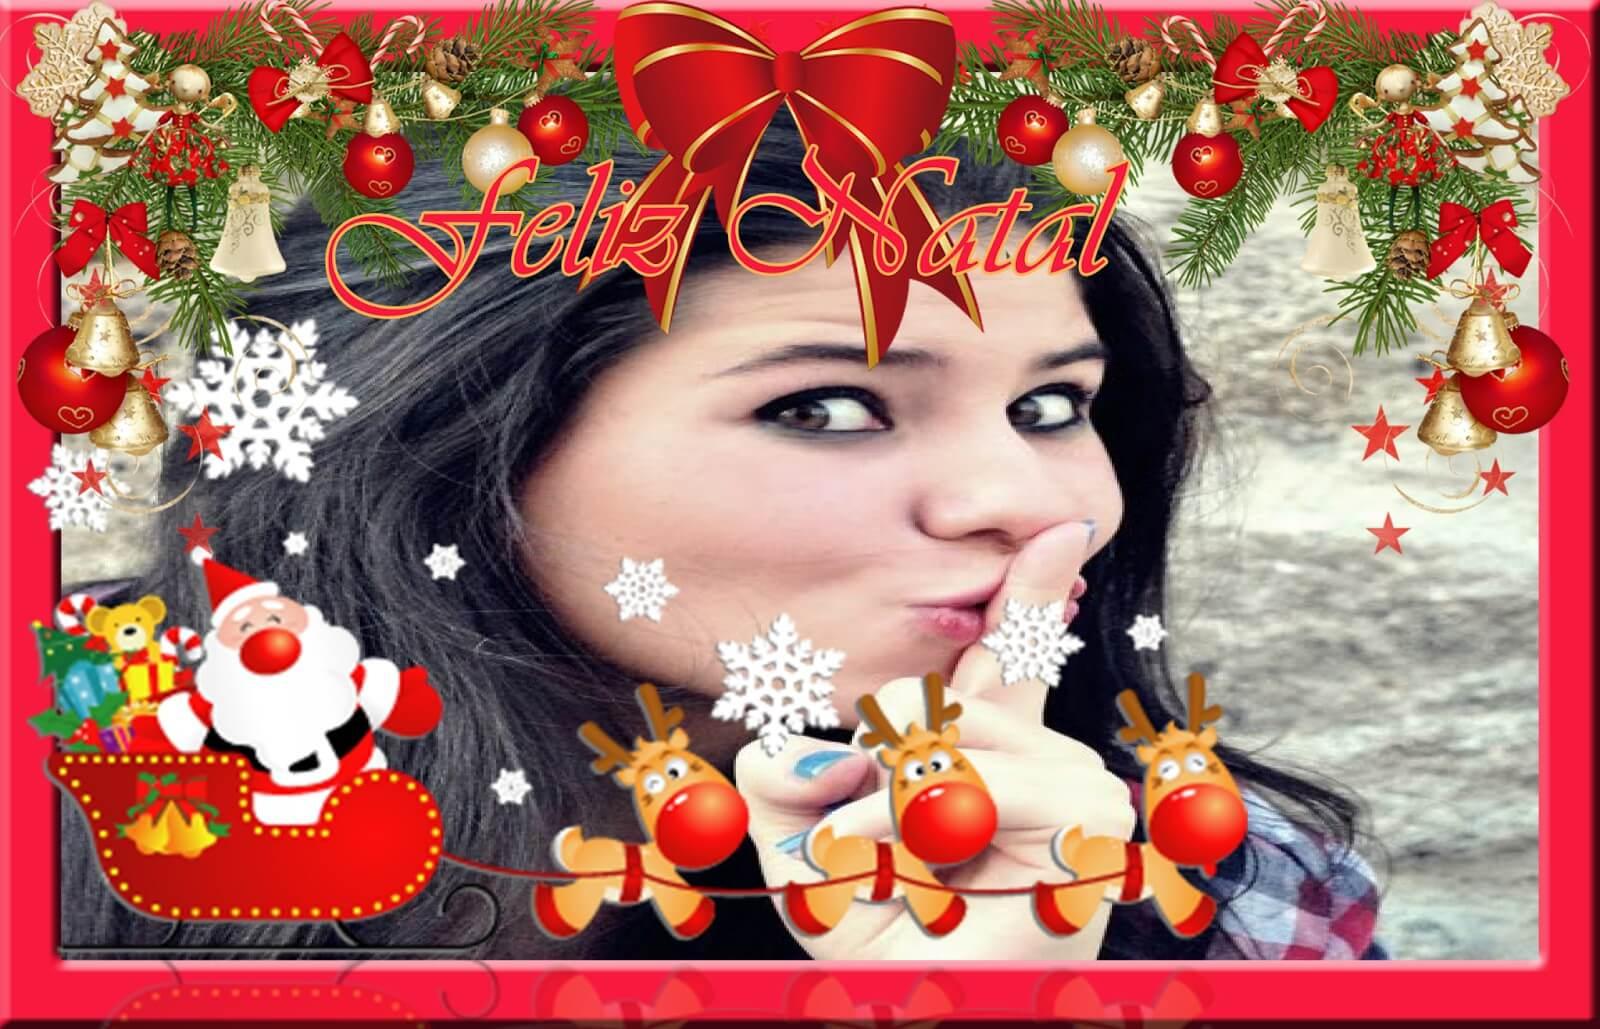 moldura-com-mensagem-de-feliz-natal-e-papai-noel